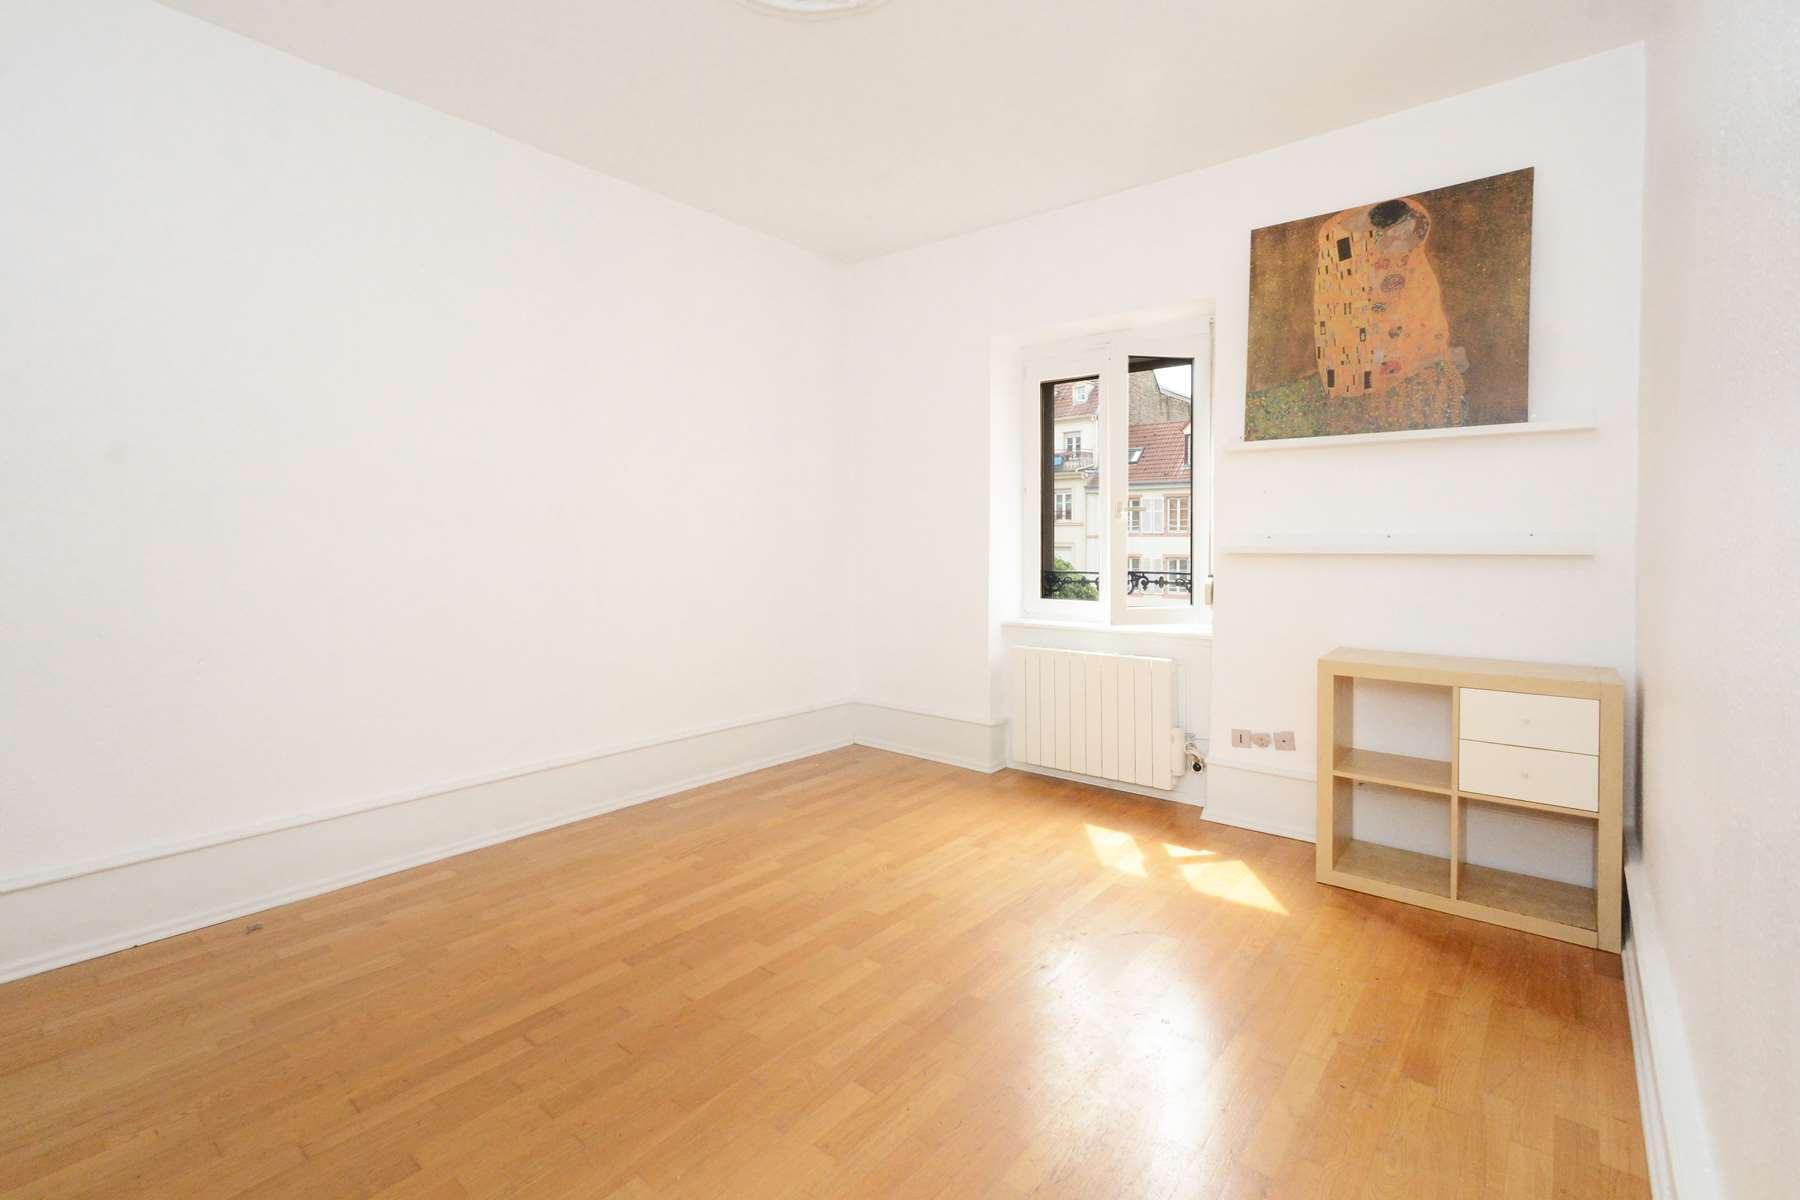 [Thémis] L'appartement 4 pièces au cœur du quartier du Tribunal - nos ventes - Beausite Immobilier 1